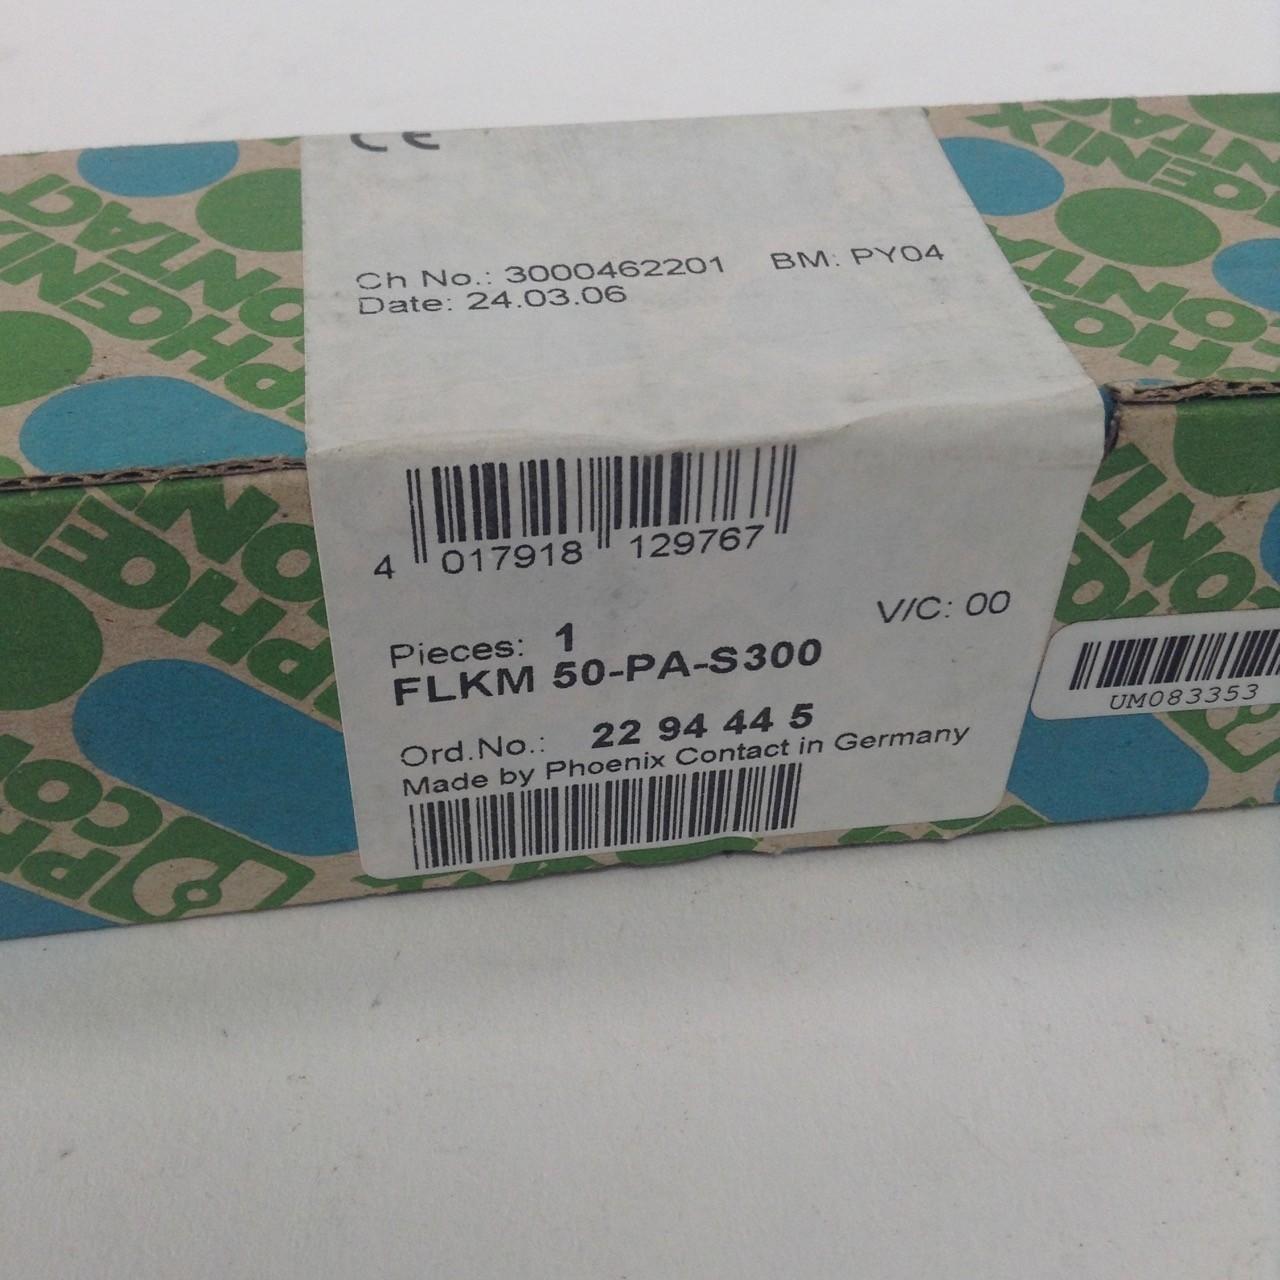 Phoenix contact flkm 50-pa-s300 Front adaptador 2294445